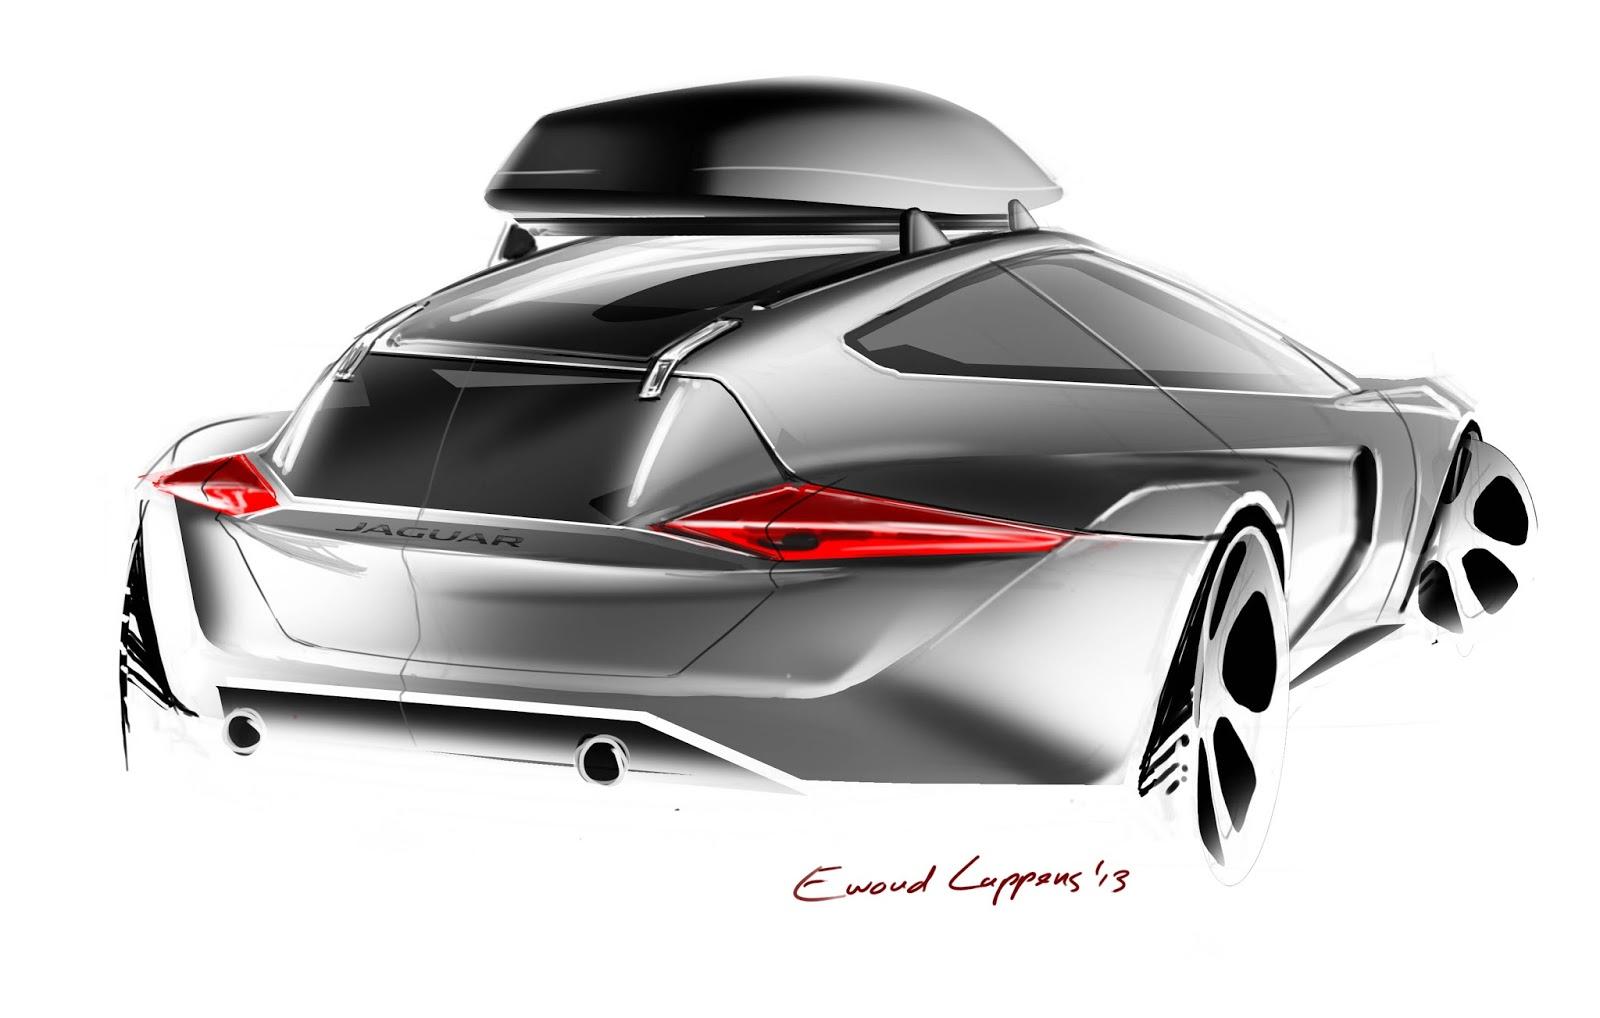 ewoud luppens wip jaguar shooting brake hatchback. Black Bedroom Furniture Sets. Home Design Ideas